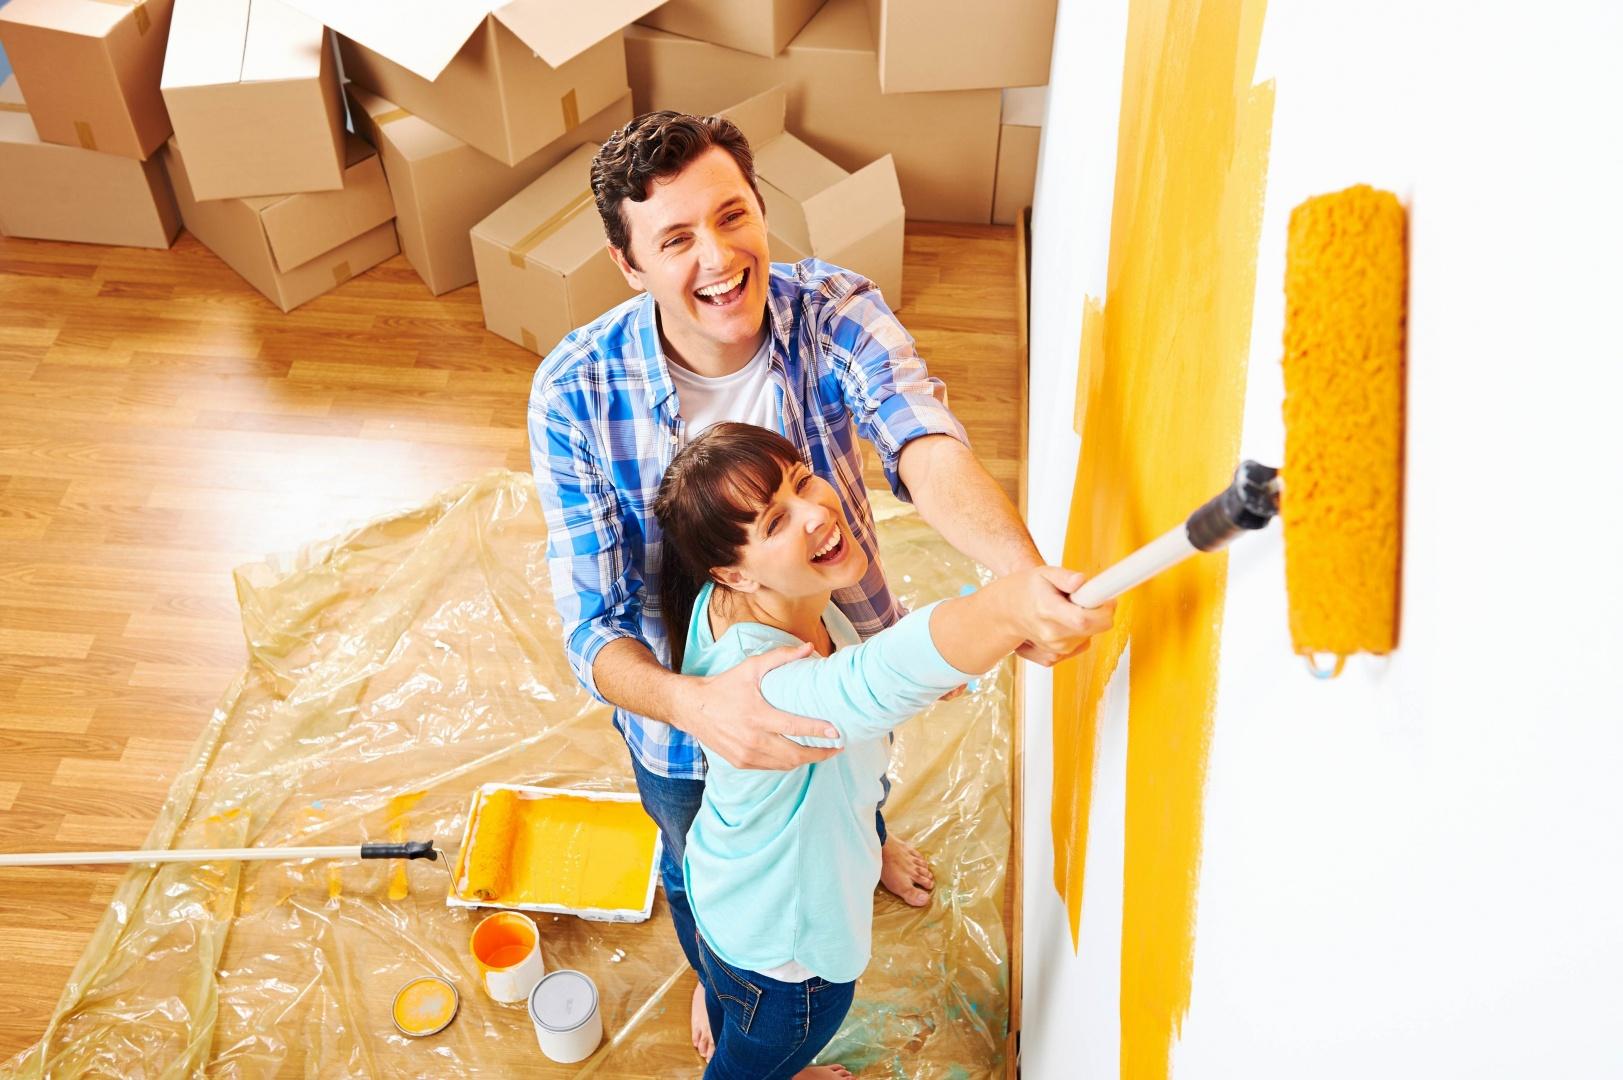 Смешные картинки муж с женой делают ремонт, для